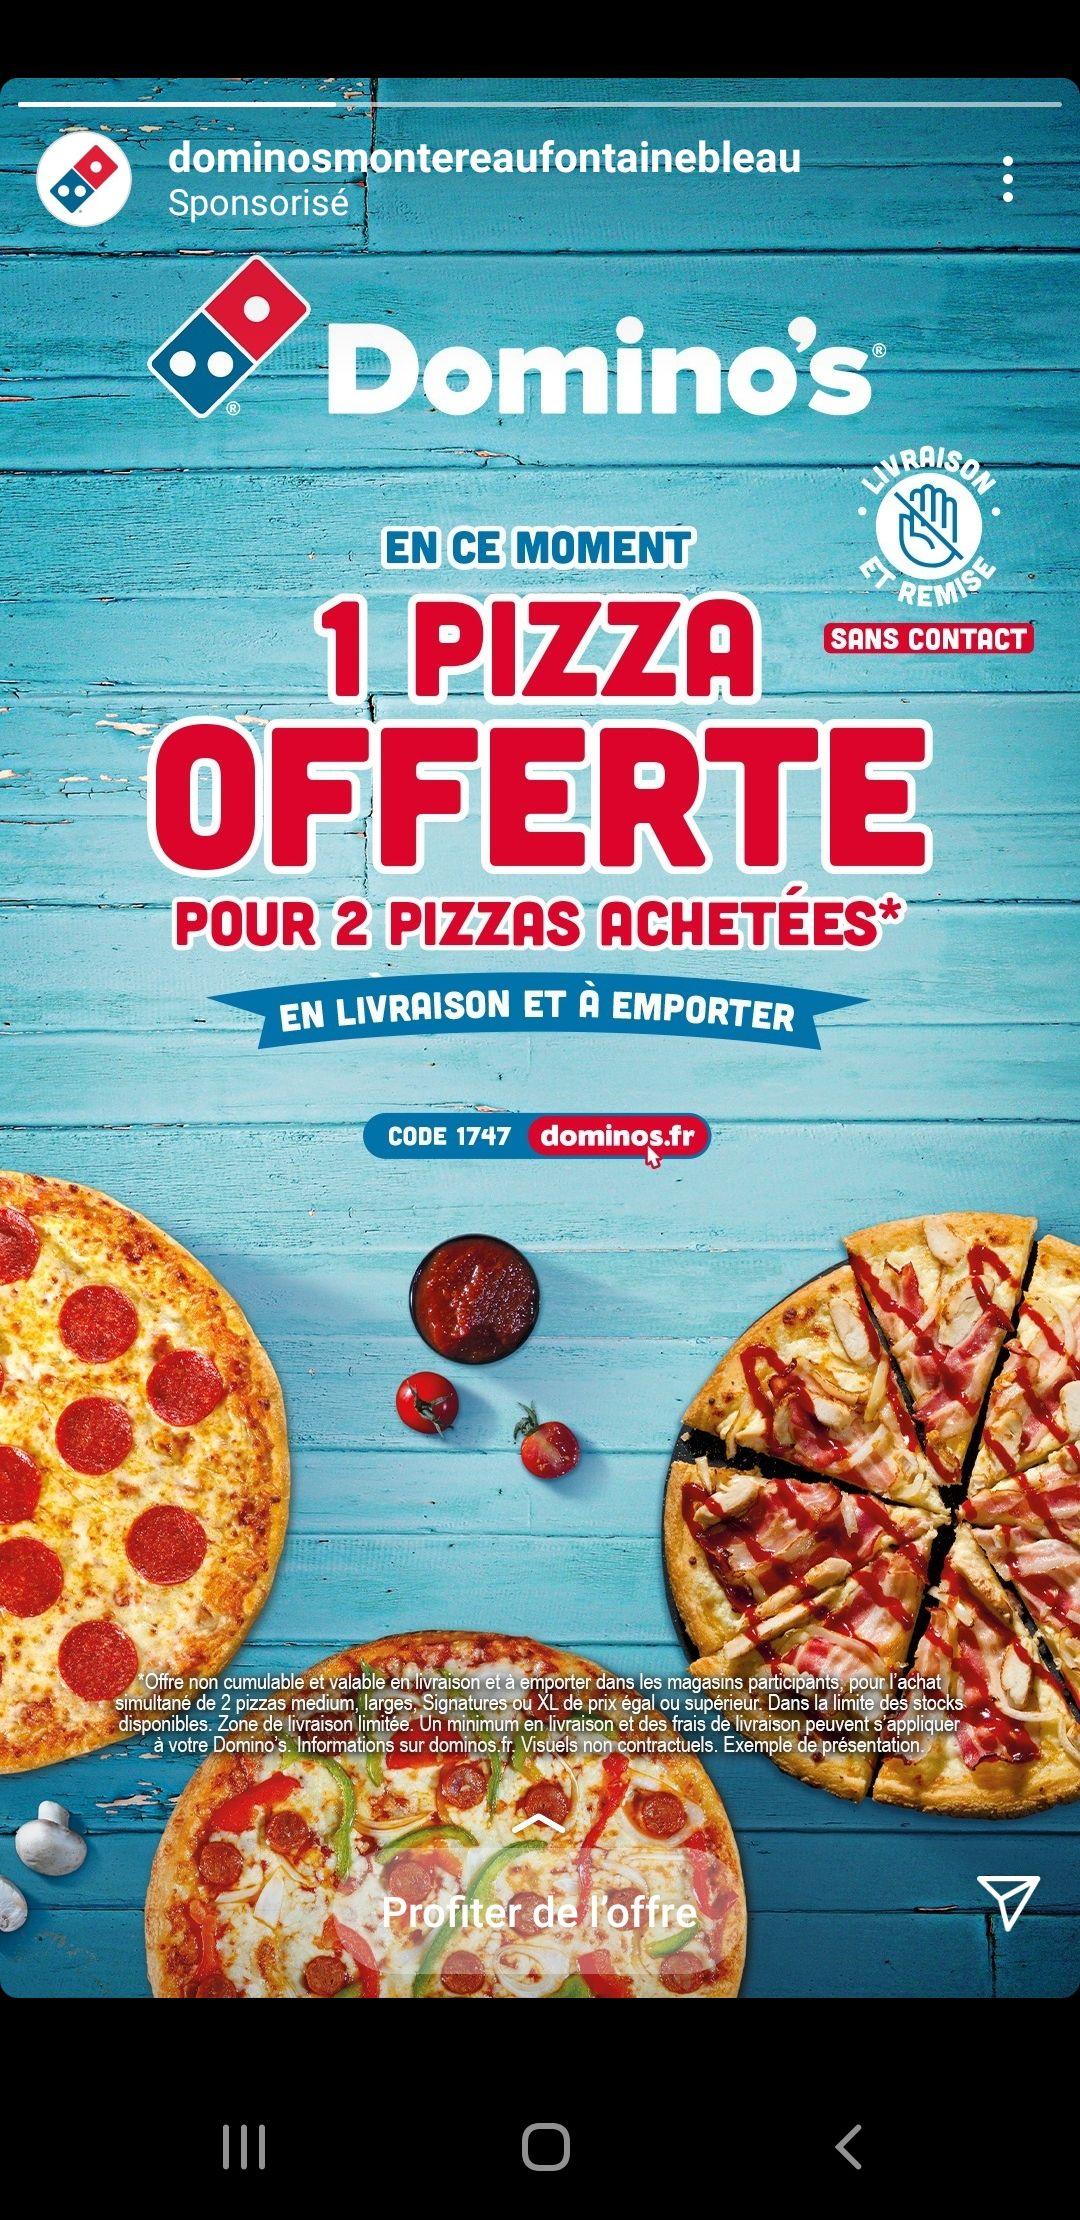 2 Pizzas achetées = 1 Pizza offerte - Montereau et Fontainebleau (77)